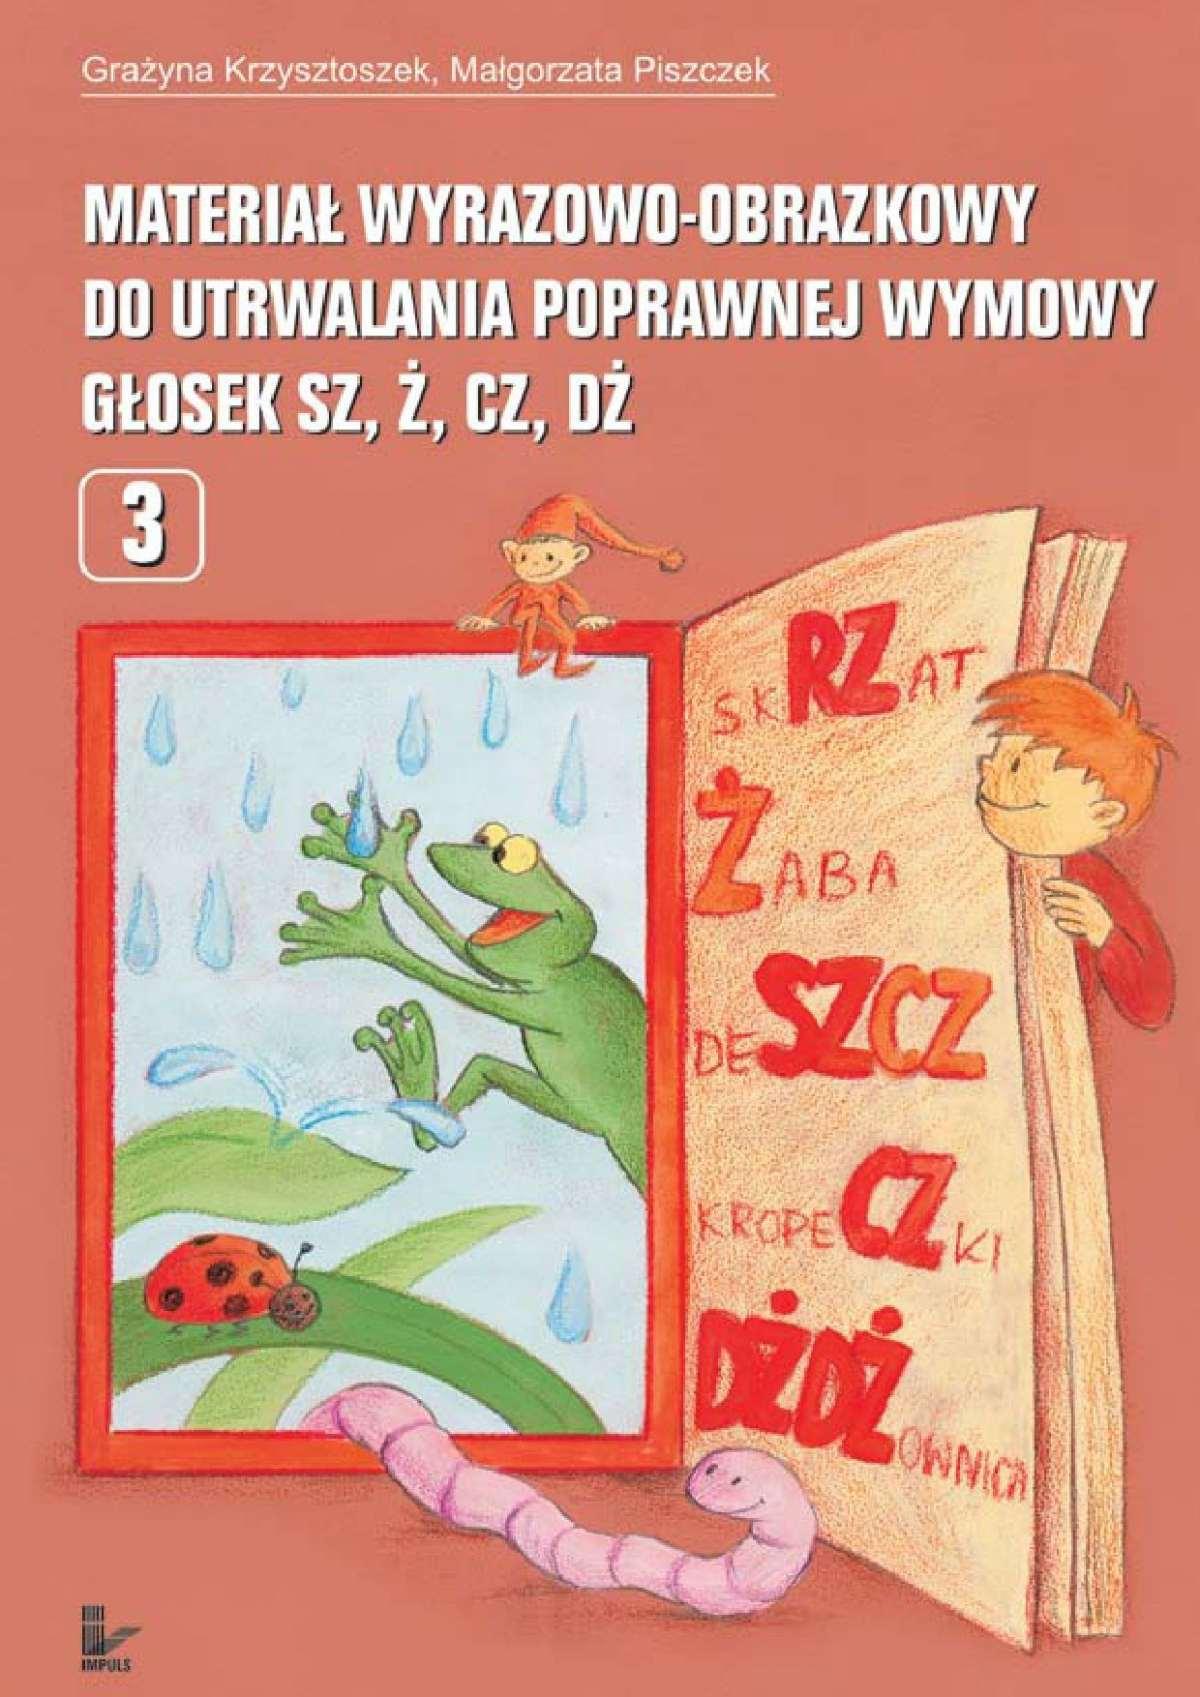 Materiał wyrazowo-obrazkowy do utrwalania poprawnej wymowy głosek sz, ż, cz, dż - Ebook (Książka EPUB) do pobrania w formacie EPUB